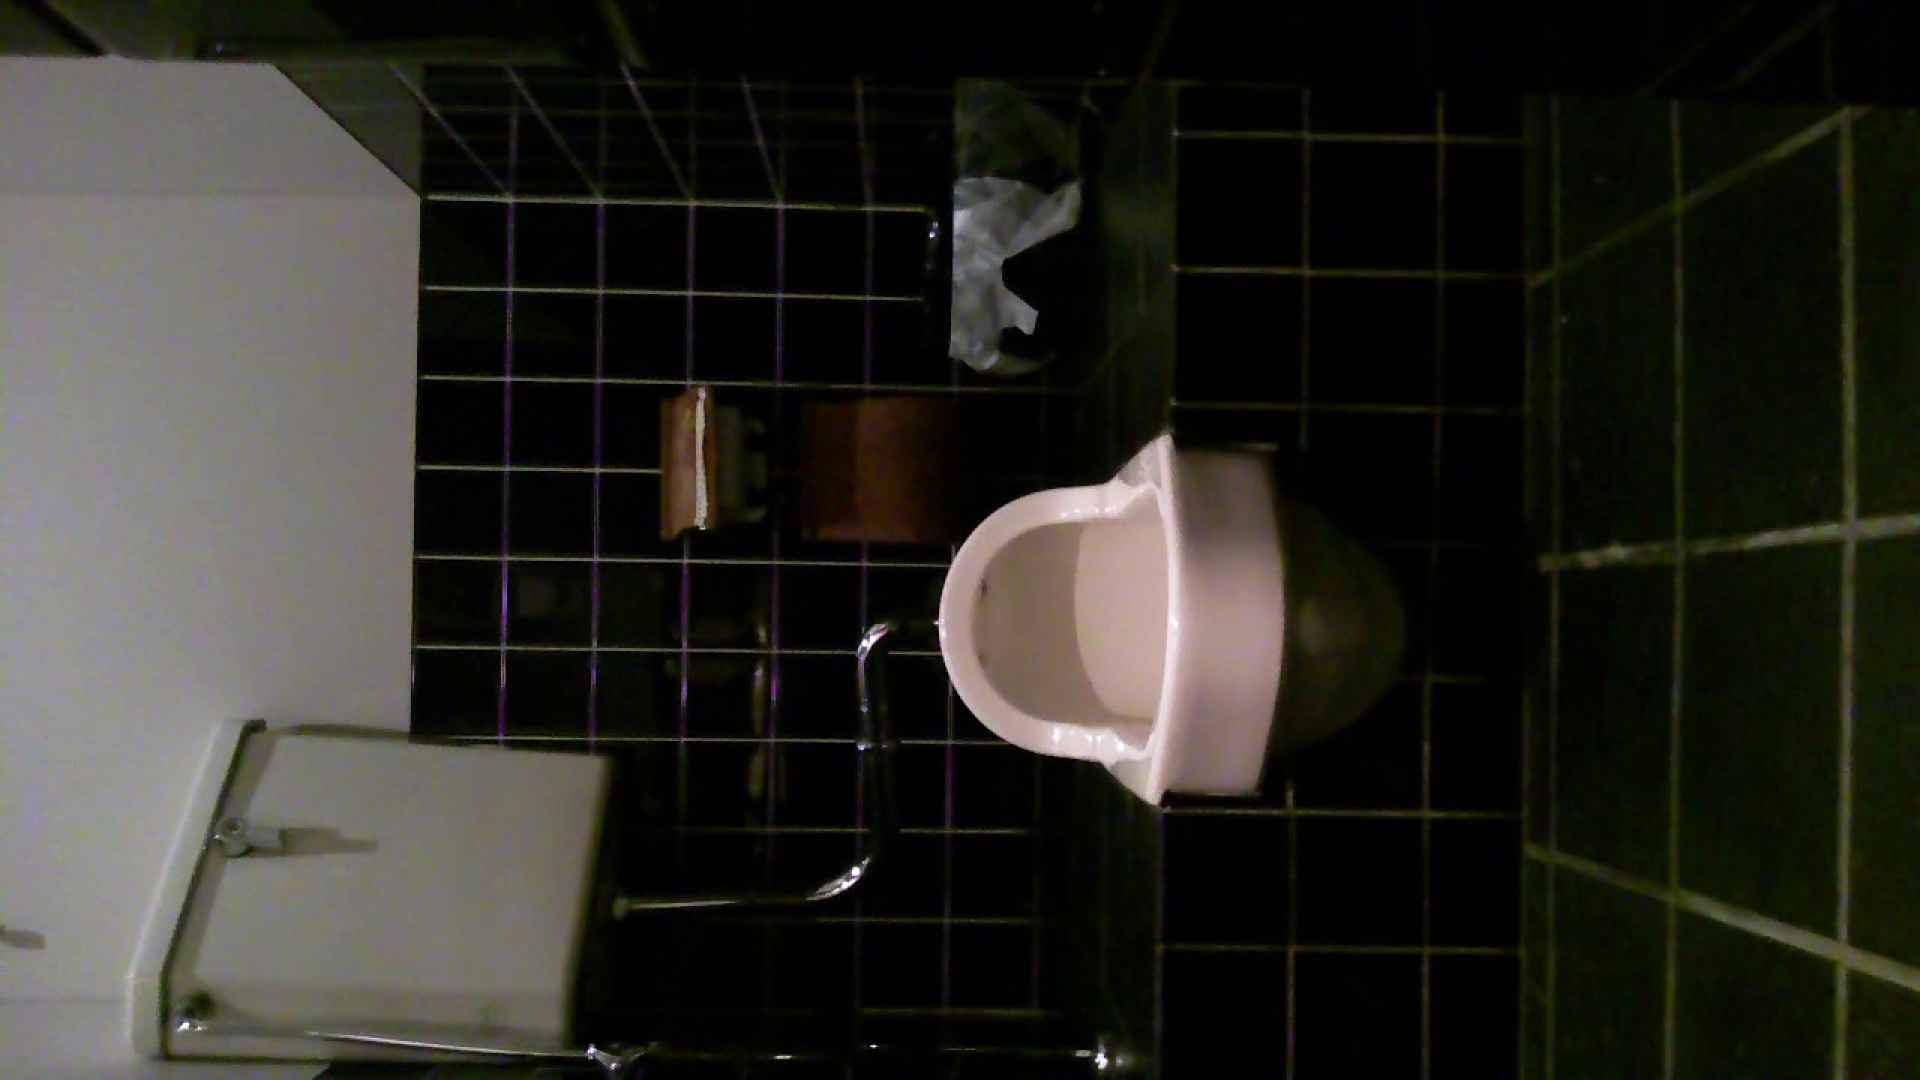 美女の集まる飲み屋洗面所 vol.02 OLヌード天国 | 美女ヌード天国  88PIX 65